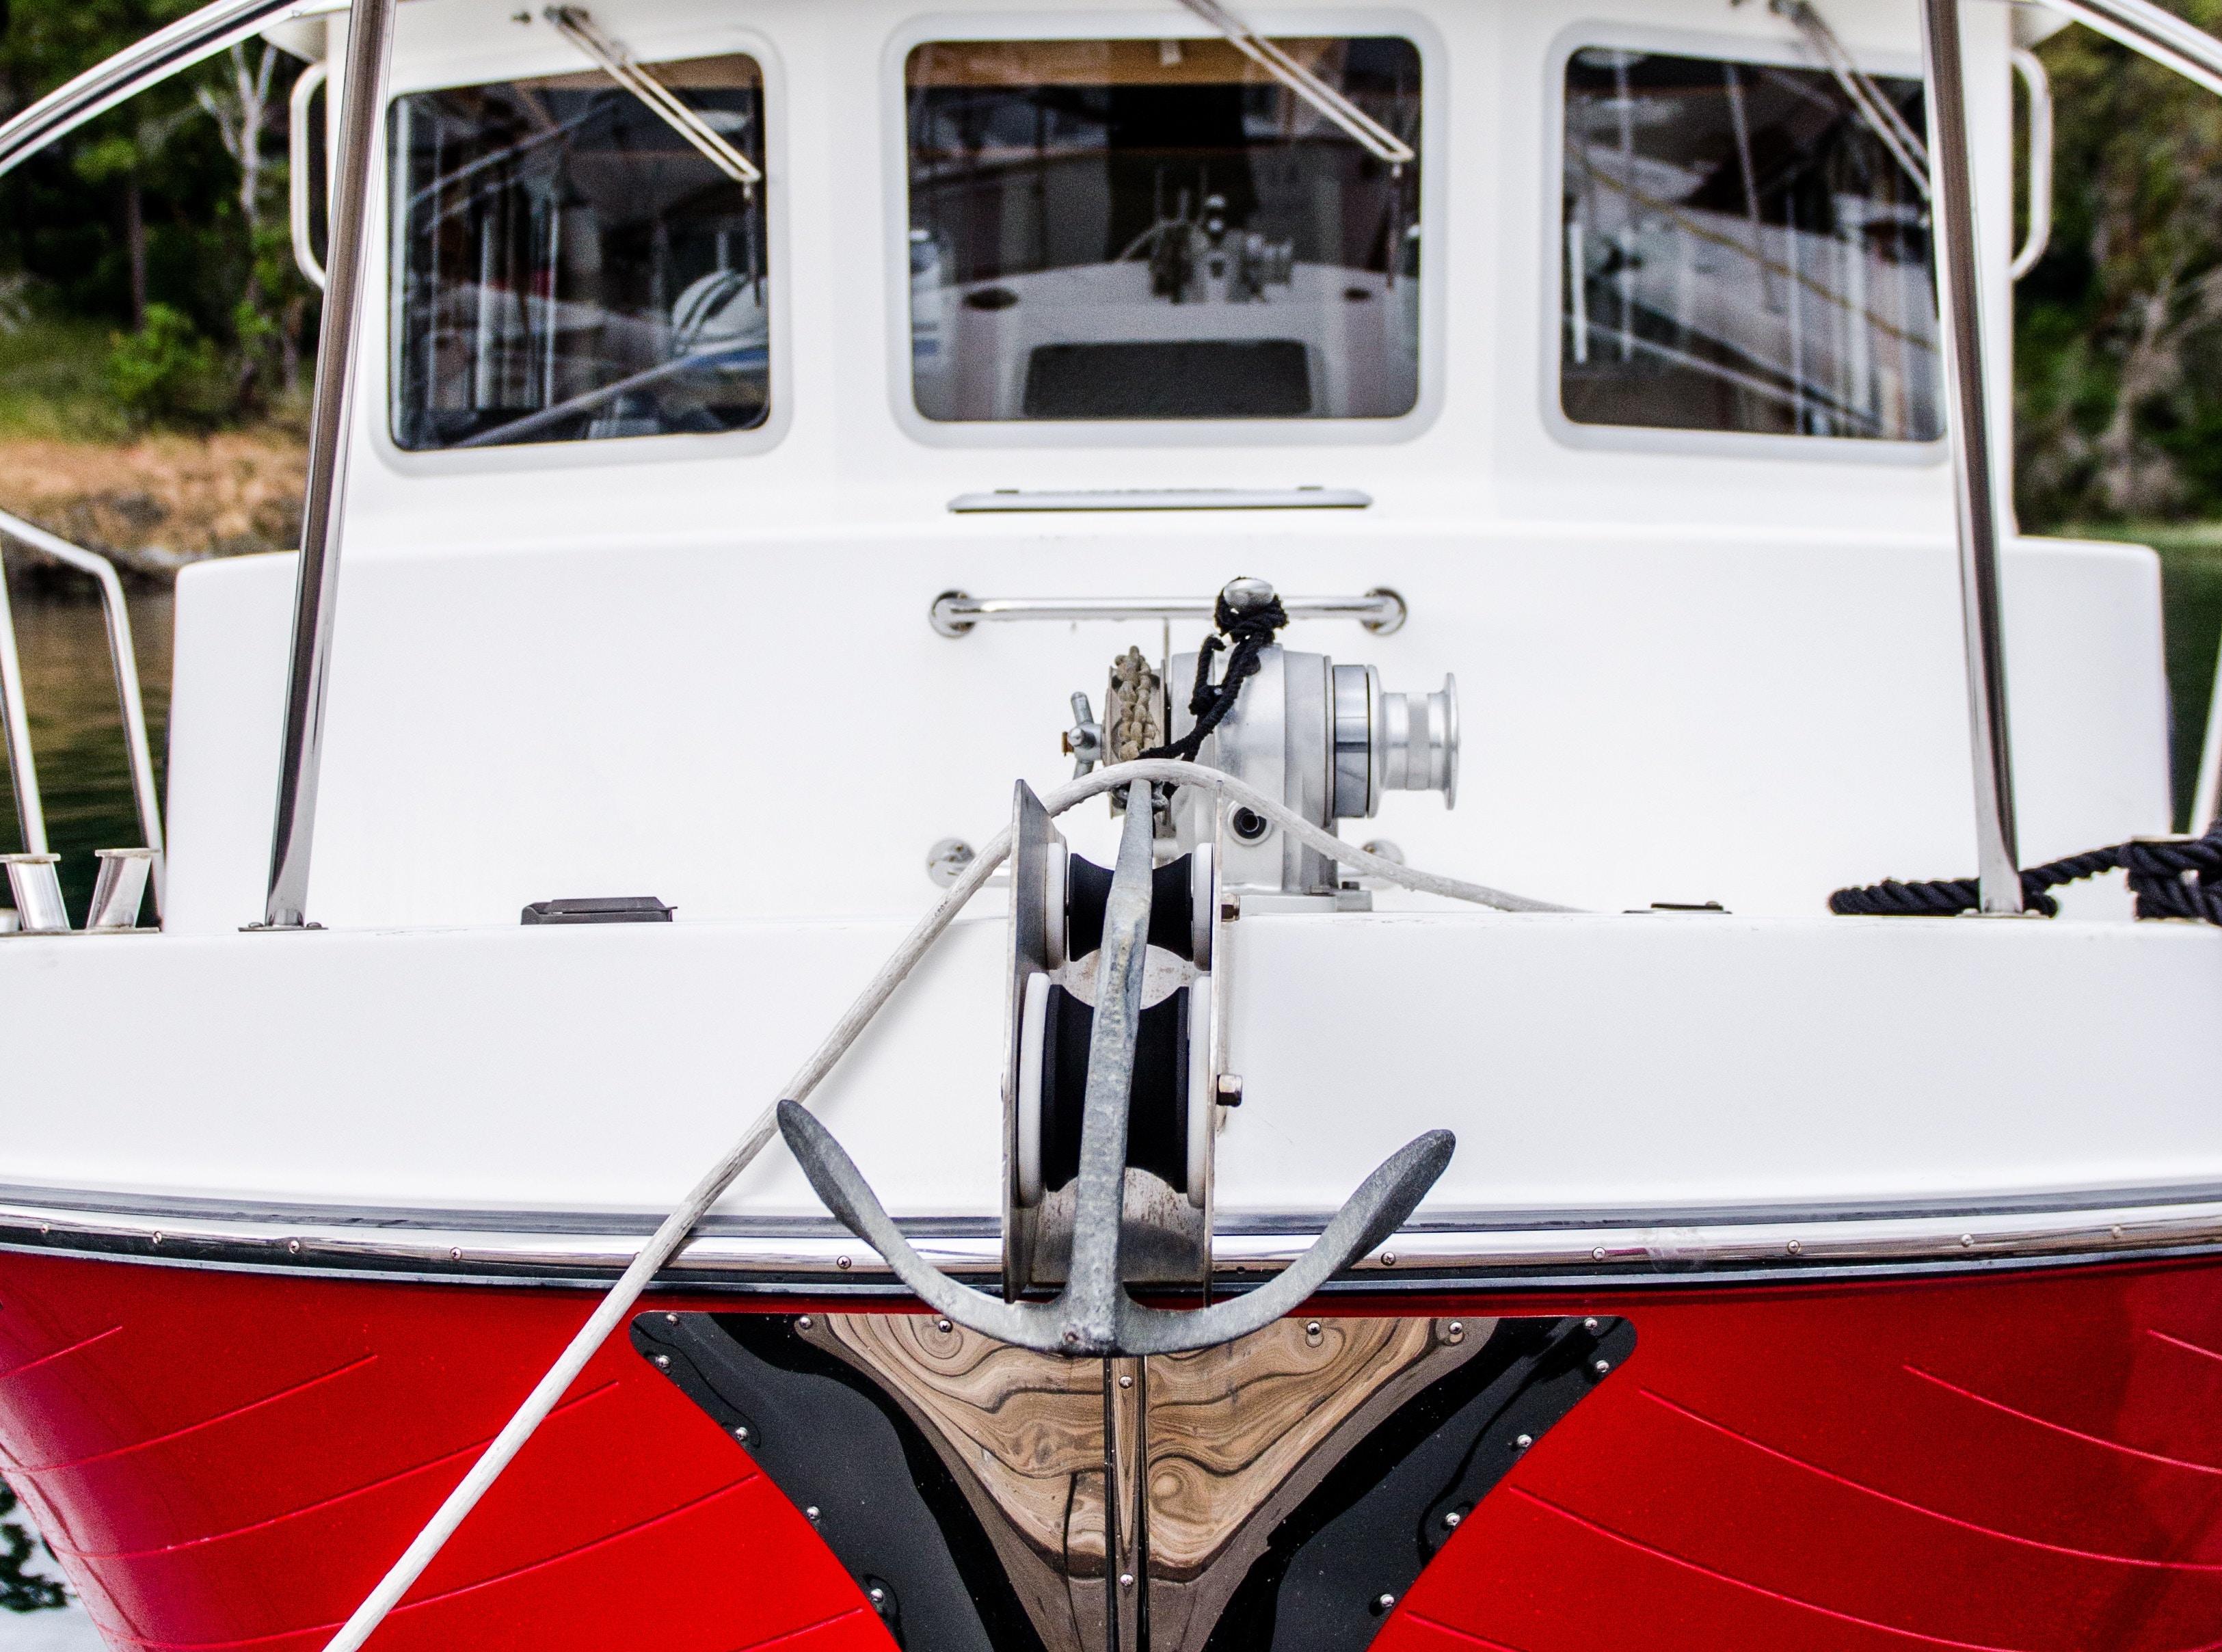 jesse orrico 93200 2 support hi tide hi tide boat lift wiring diagram at bayanpartner.co